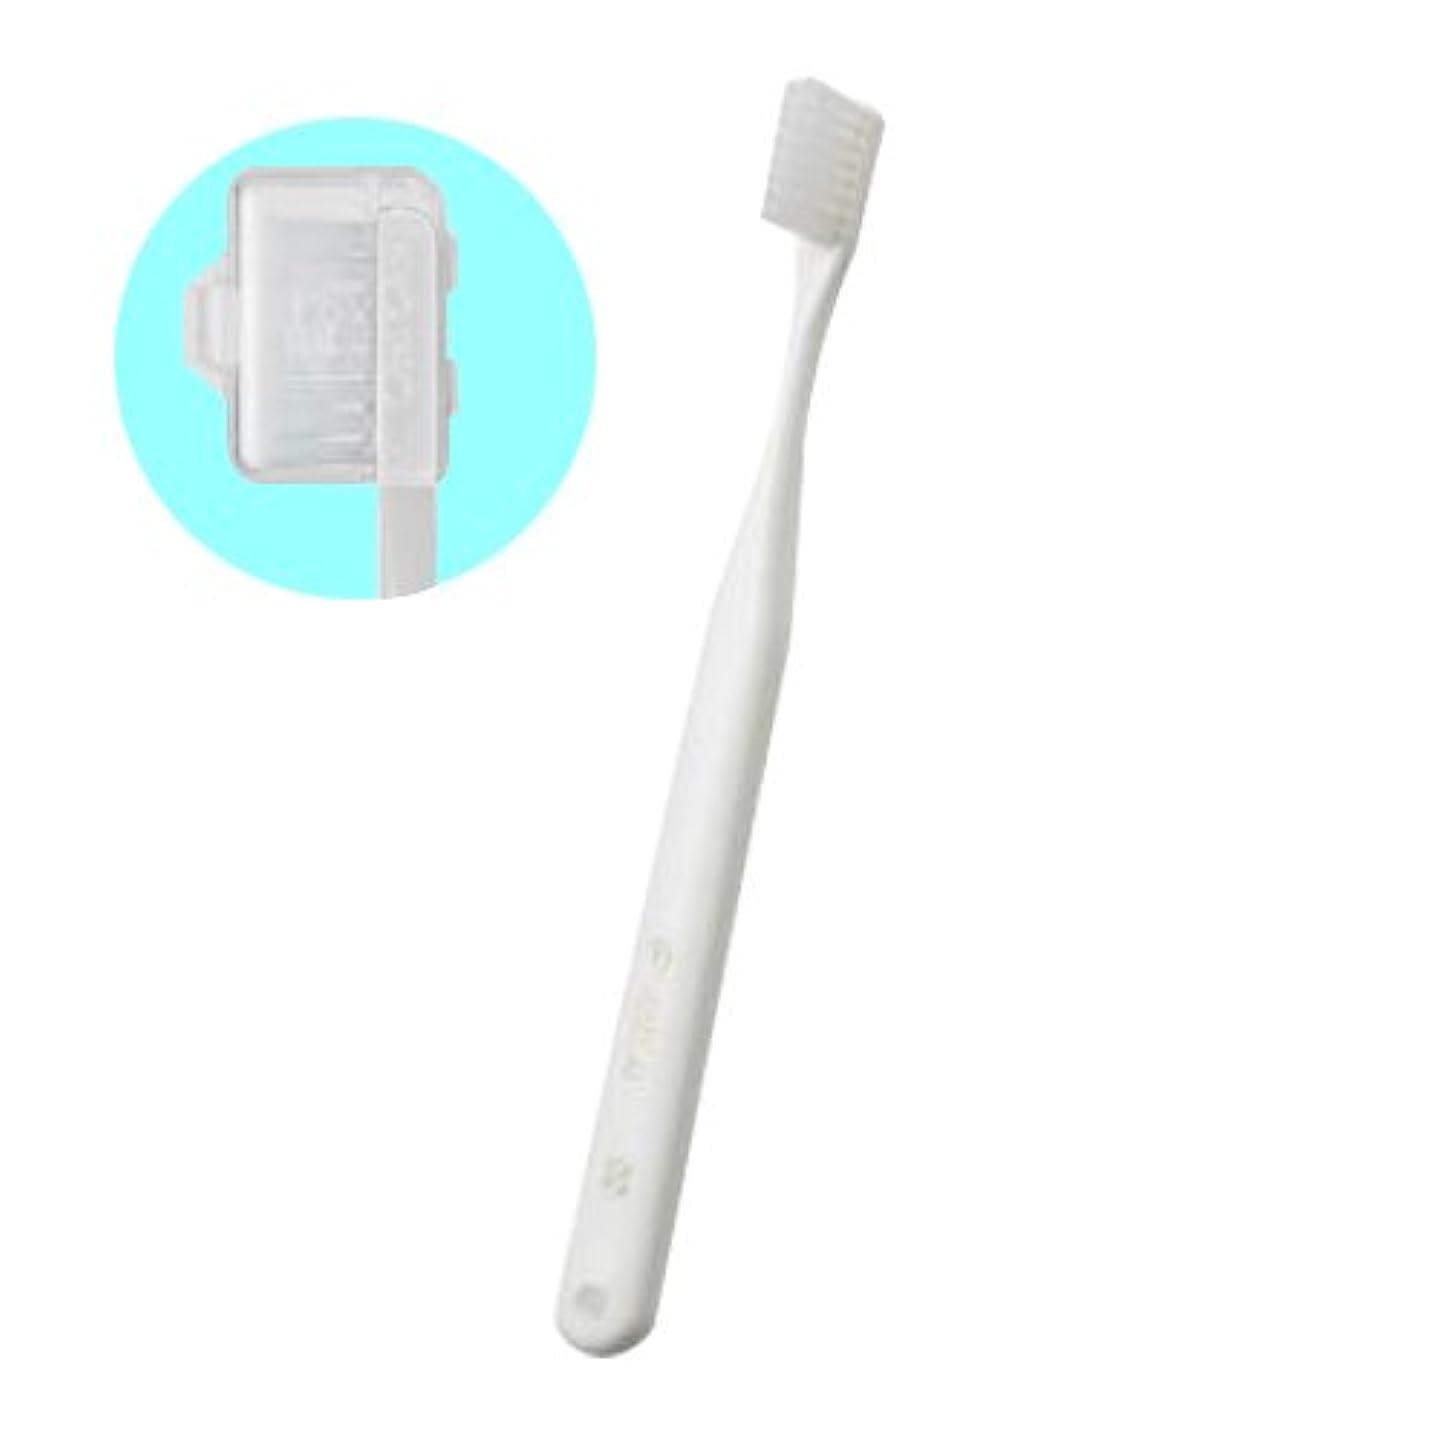 バンガロー幻滅する息子オーラルケア キャップ付き タフト 24 歯ブラシ エクストラスーパーソフト 1本 (ホワイト)